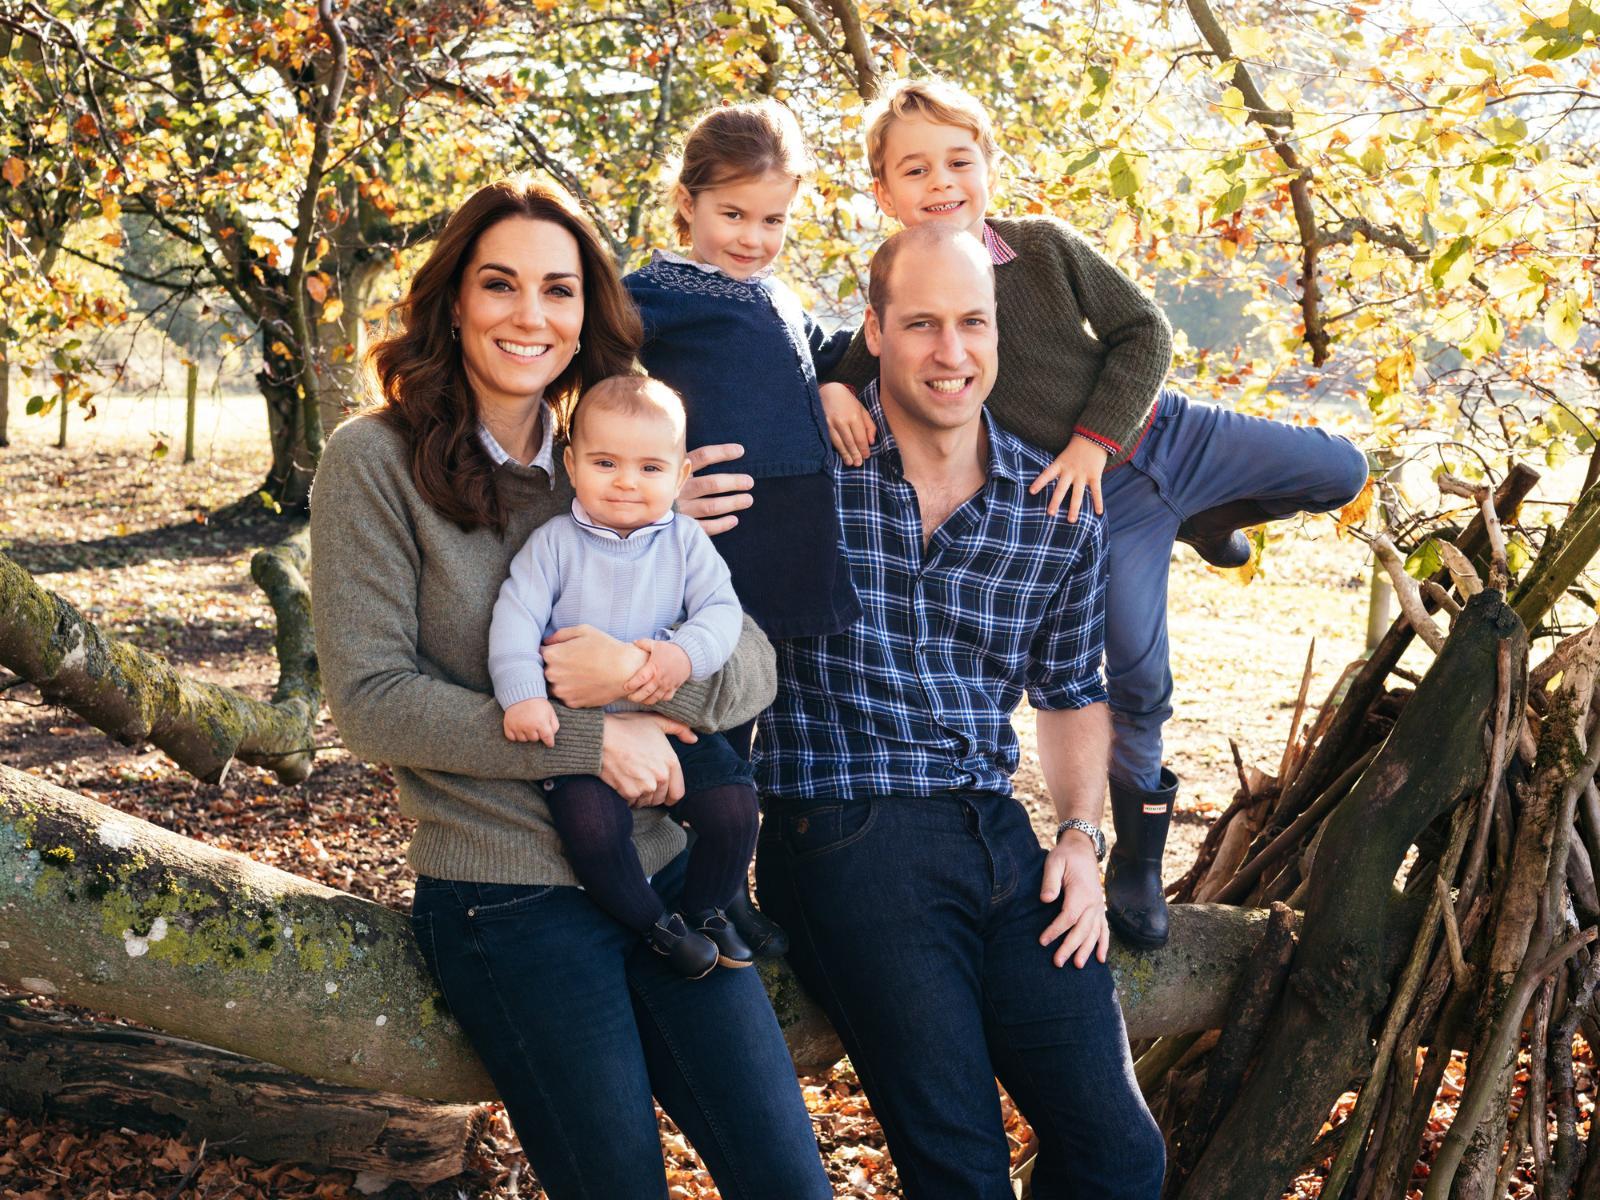 Как подрос! Кейт Миддлтон показала фото принца Джорджа в честь его дня рождения